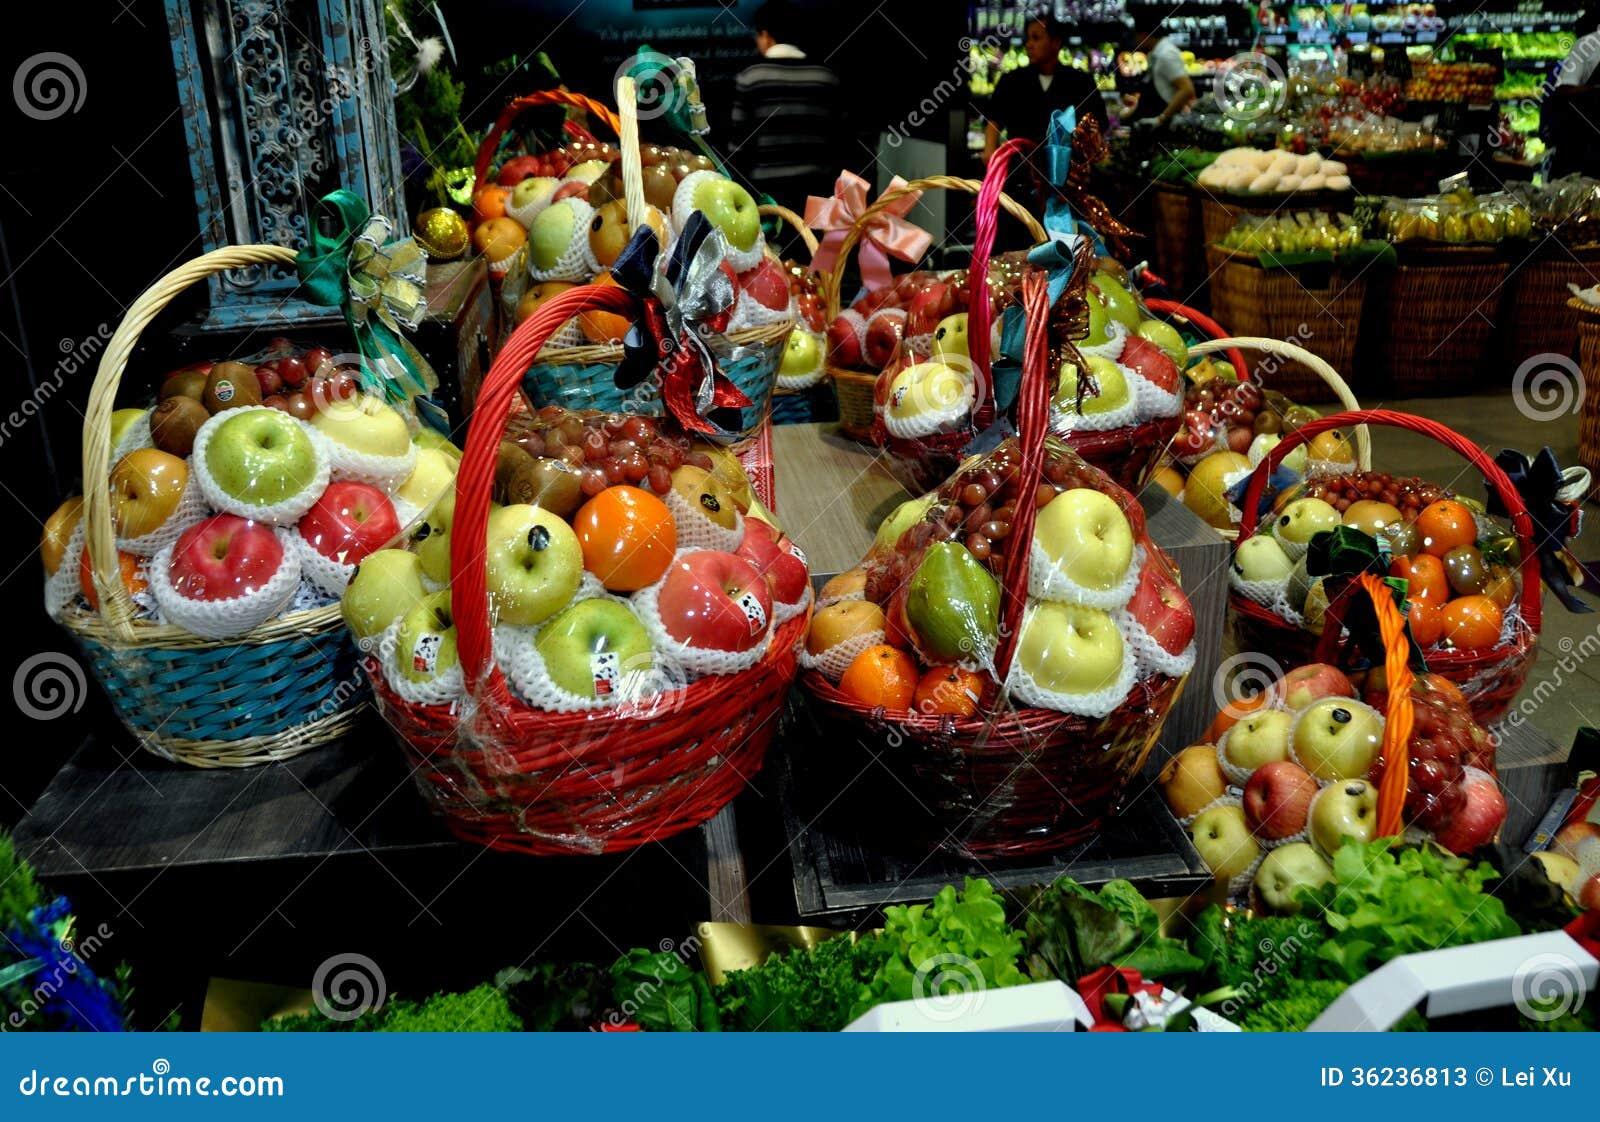 Bangkok Thailand Holiday Fruit Gift Baskets Editorial